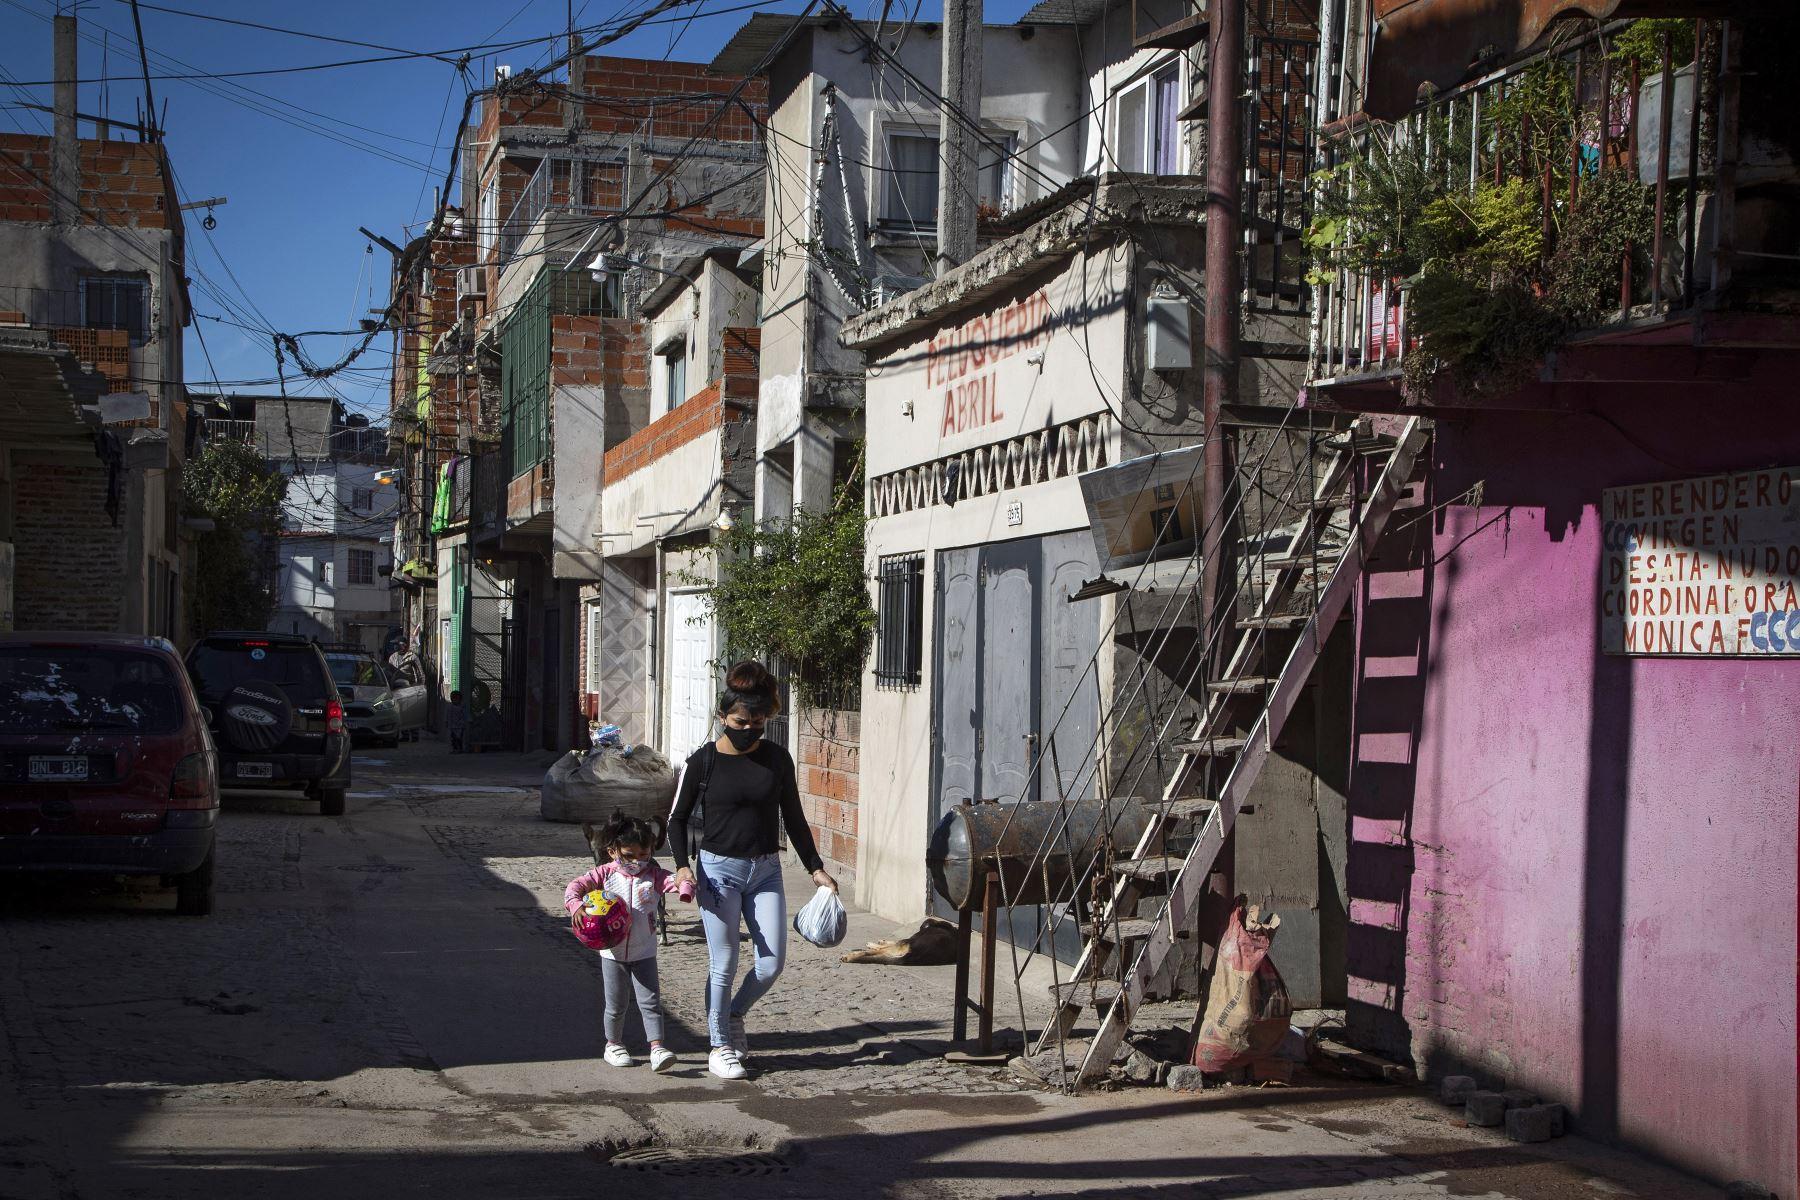 Una mujer y una niña caminan por un callejón en el barrio Padre Carlos Mugica, también conocido como Villa 31, en Buenos Aires. Foto: AFP